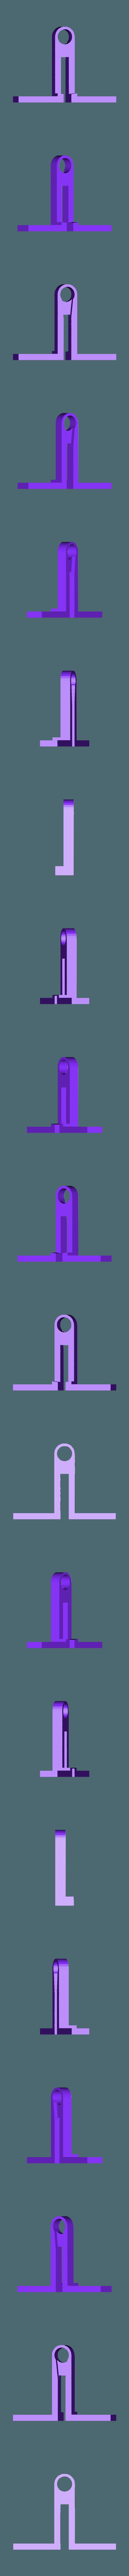 Neck_V2.stl Télécharger fichier STL gratuit Robot Spider Bug (robot quadrupède, quadrupède)-MG90 • Design pour impression 3D, kasinatorhh